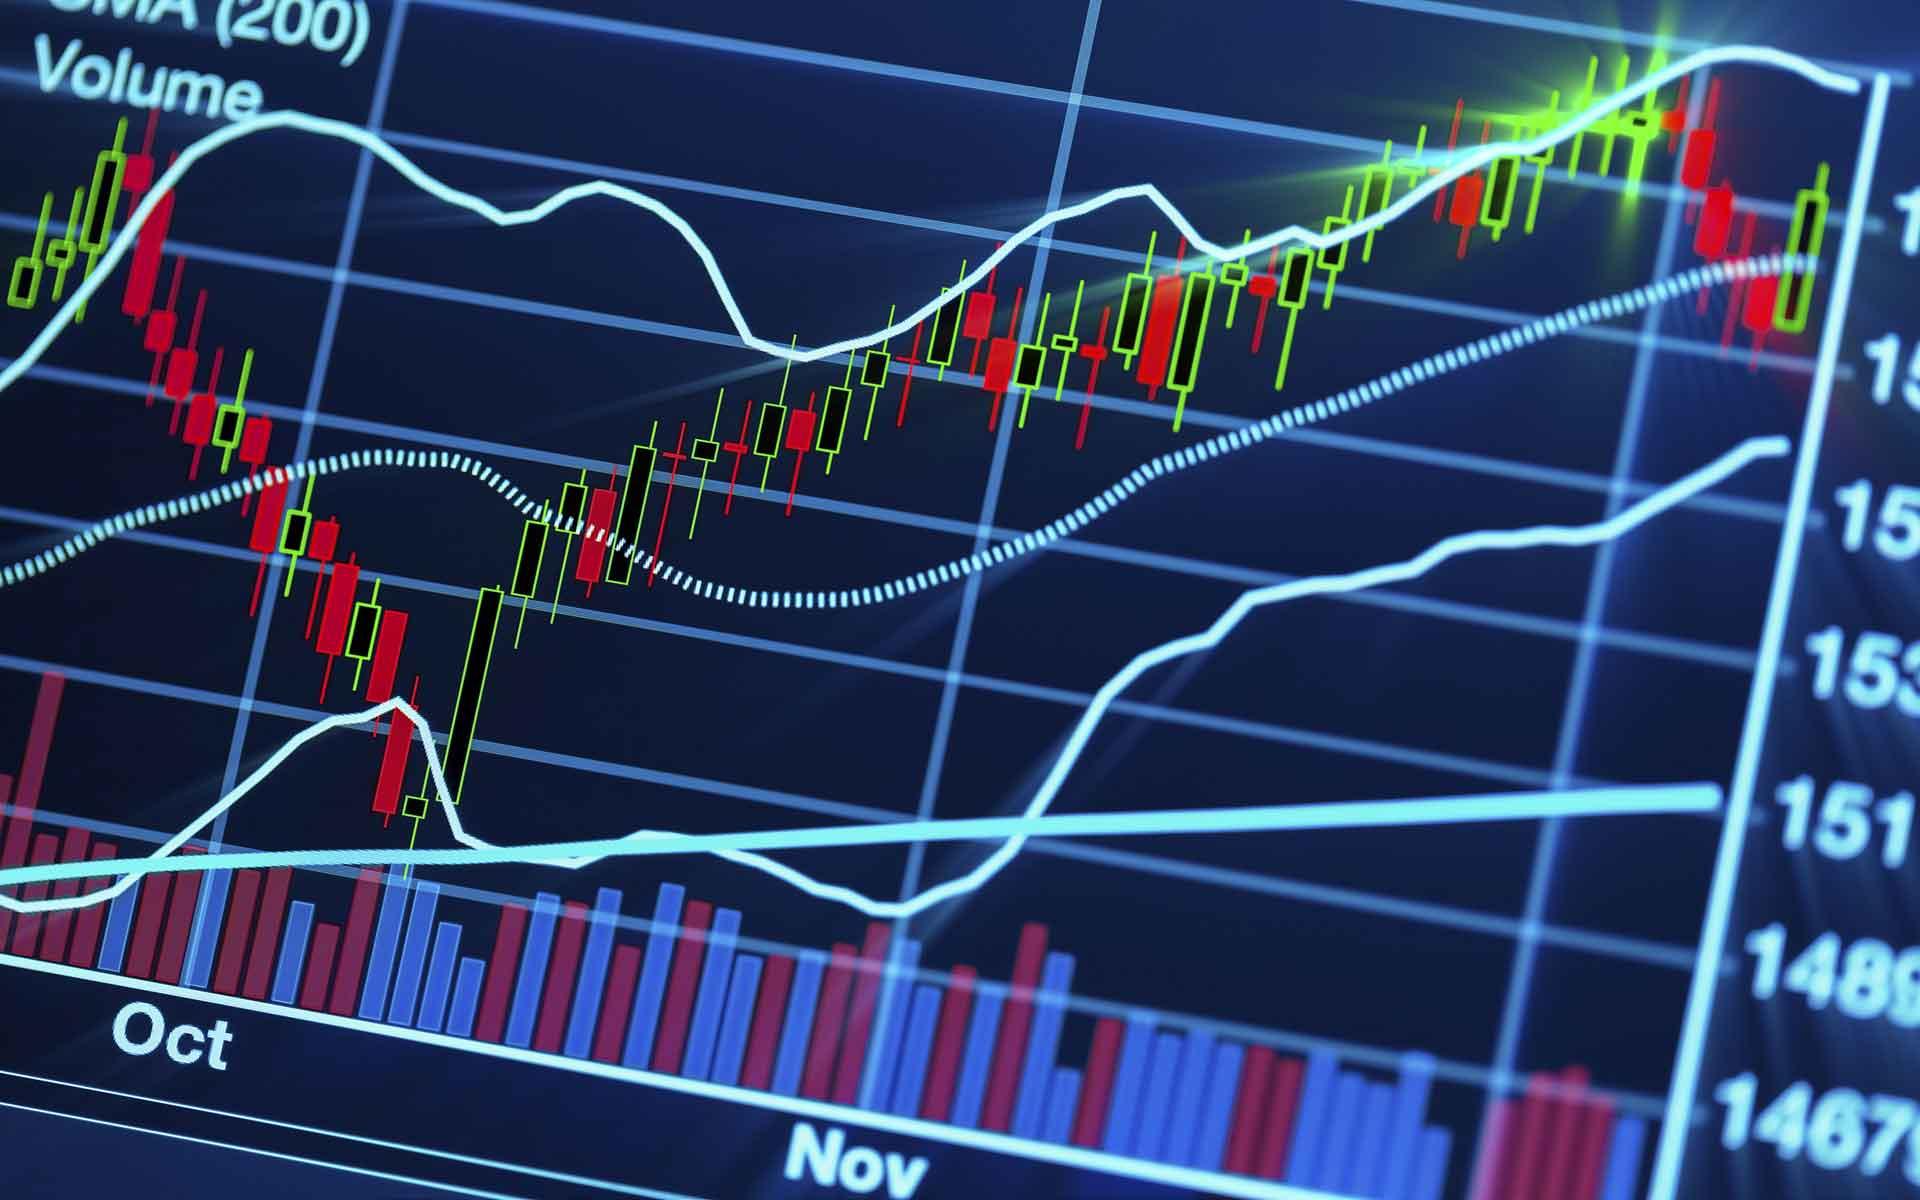 Stock-Market-Background-Wallpaper-23326.jpg